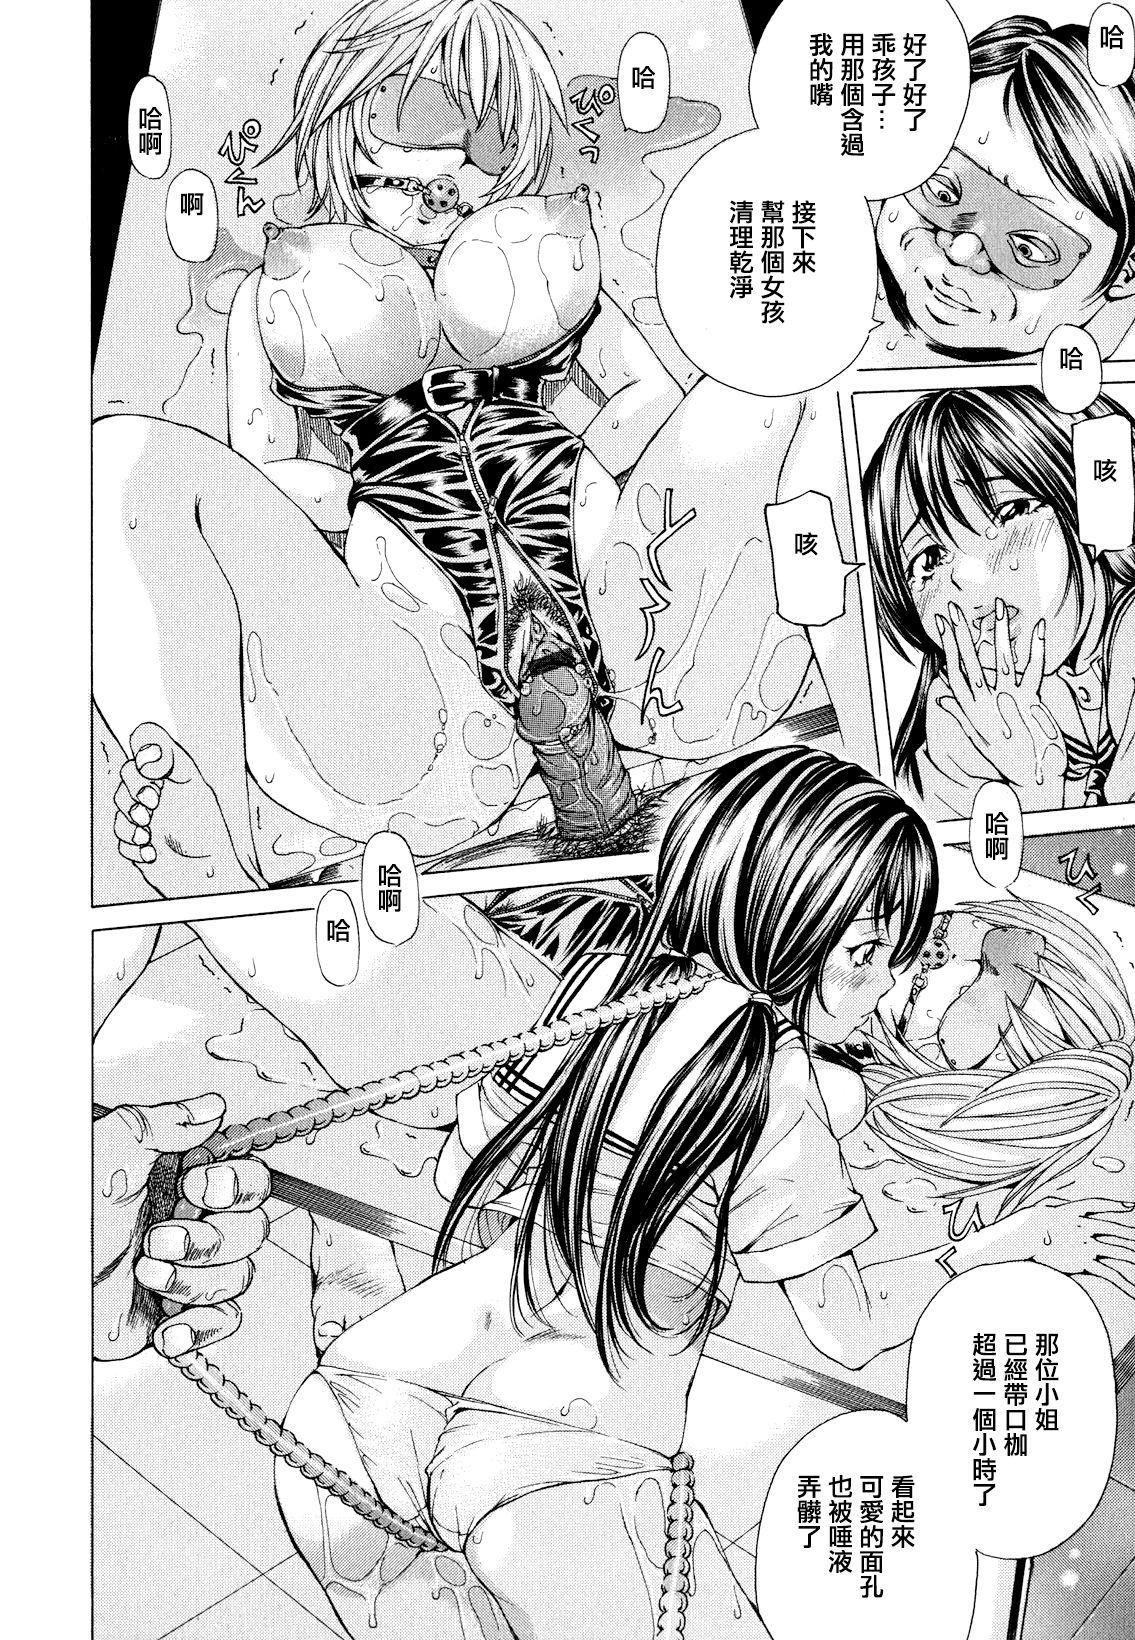 [Nohara Hiromi] Suhada-teki Bishoujo 1 -Watashi no Himitsu... Mitai? Hen- [Chinese] [紫色老太婆个人汉化] 16